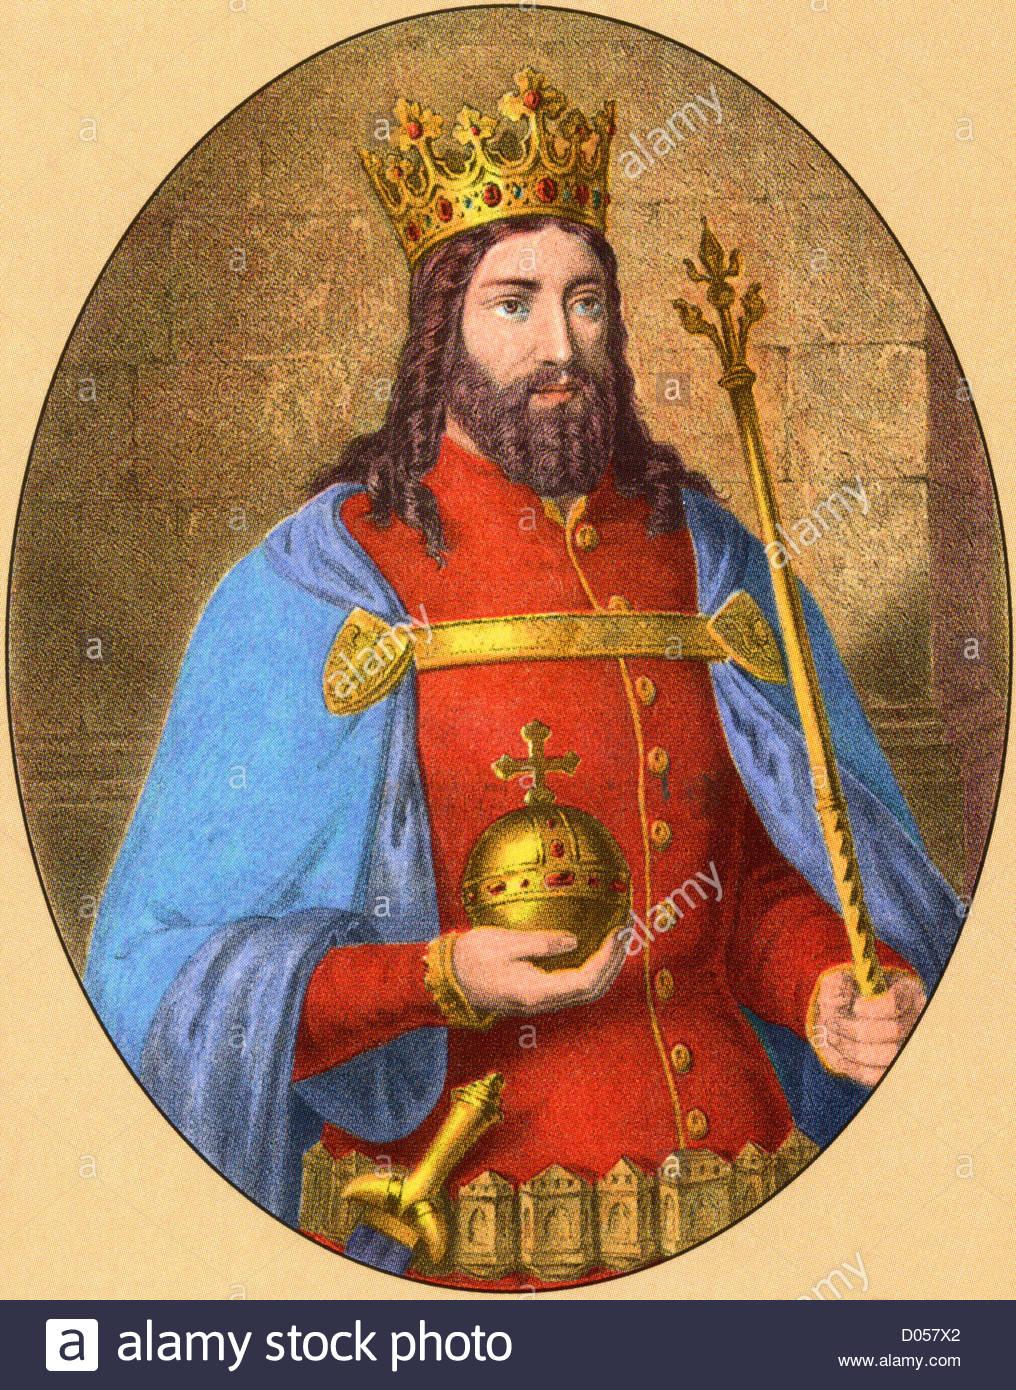 Casimir III the Great AKA Kazimierz Wielki (1310-1370), the last King